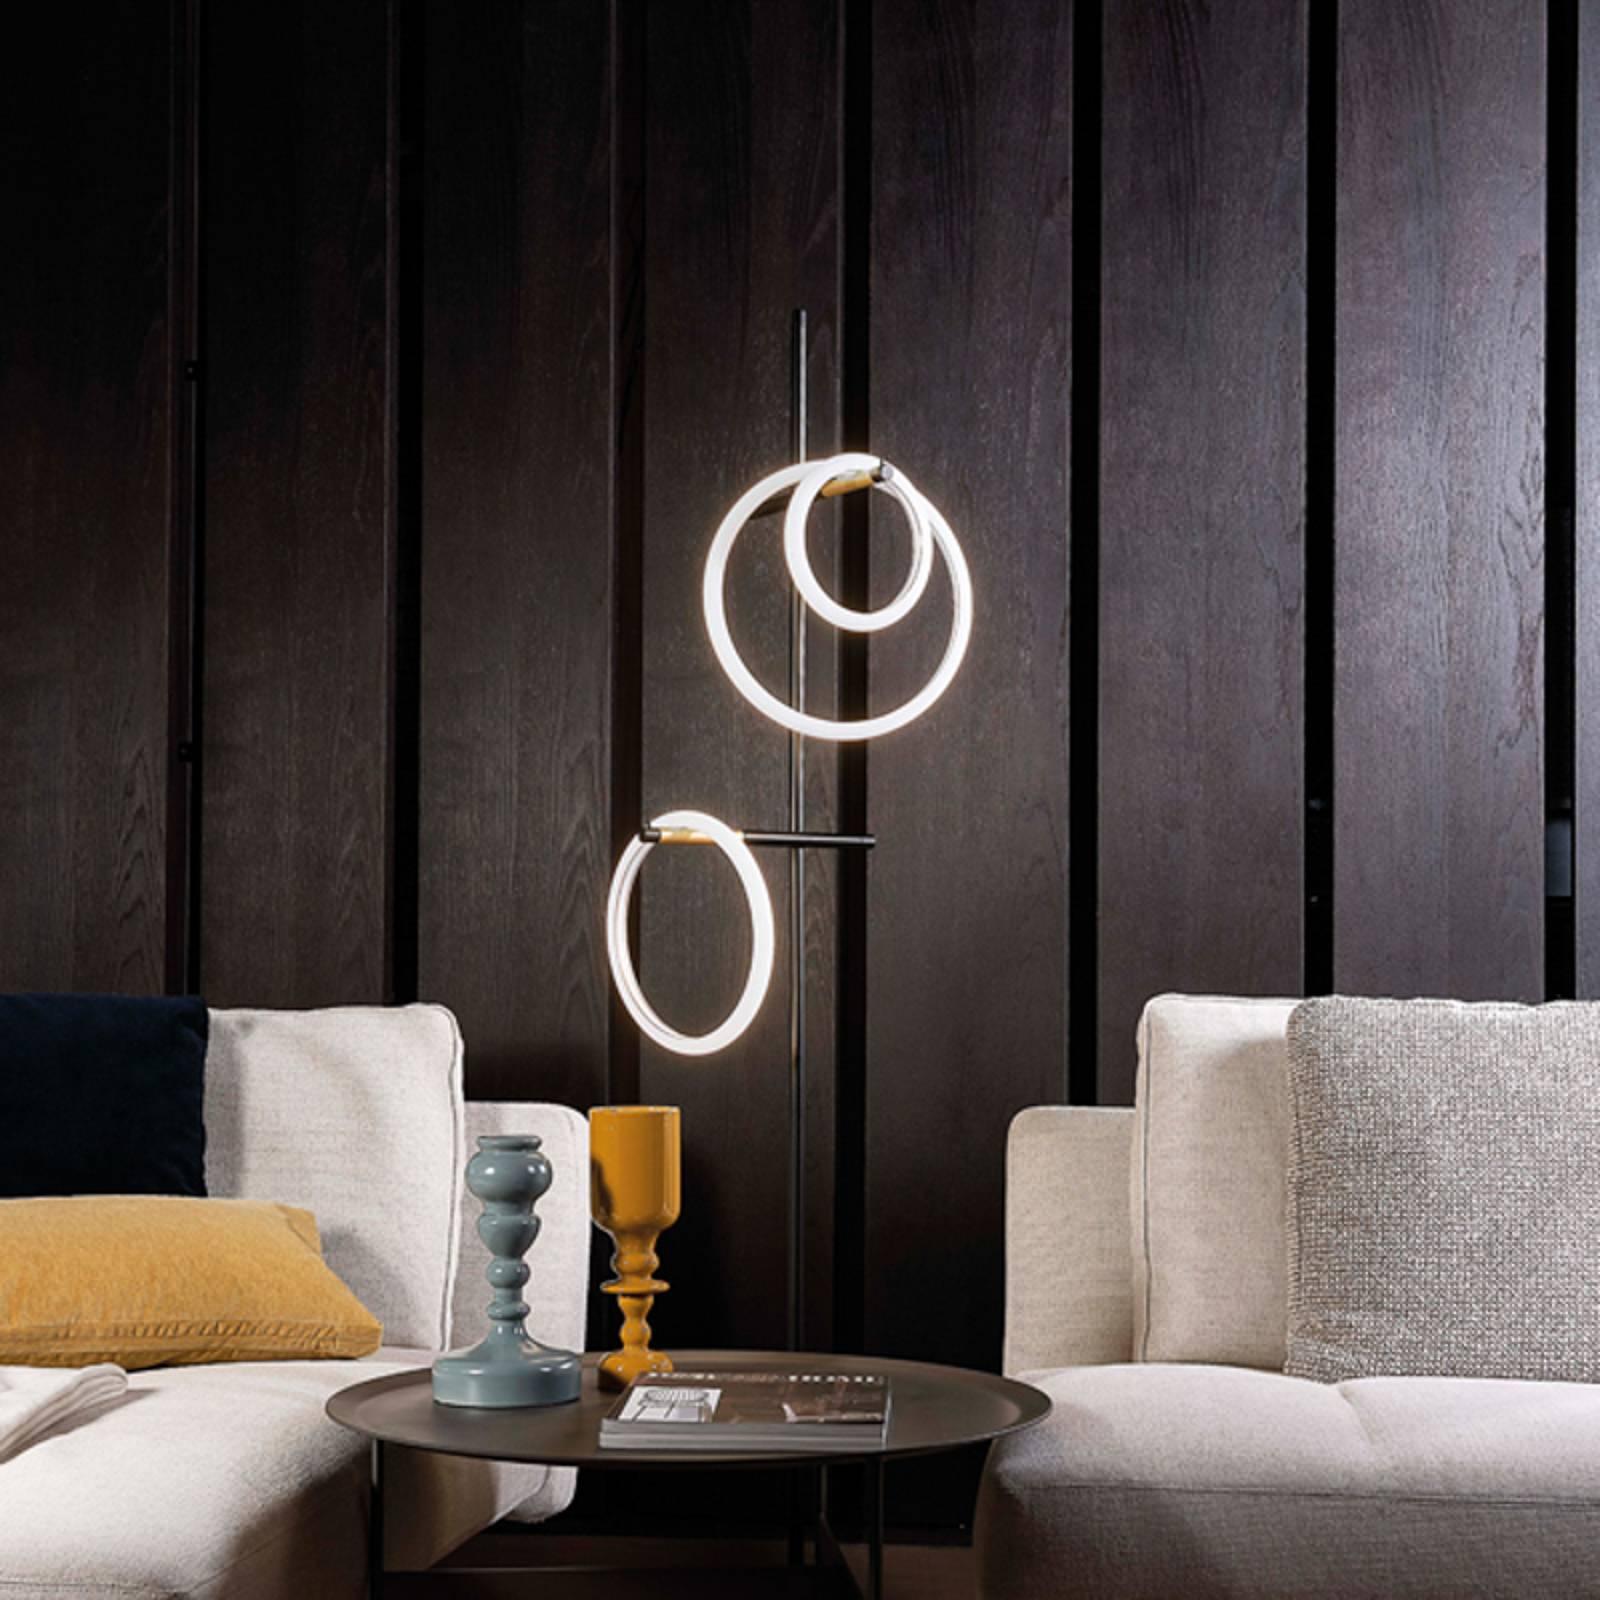 LED vloerlamp Ulaop, drie ringen, zwart